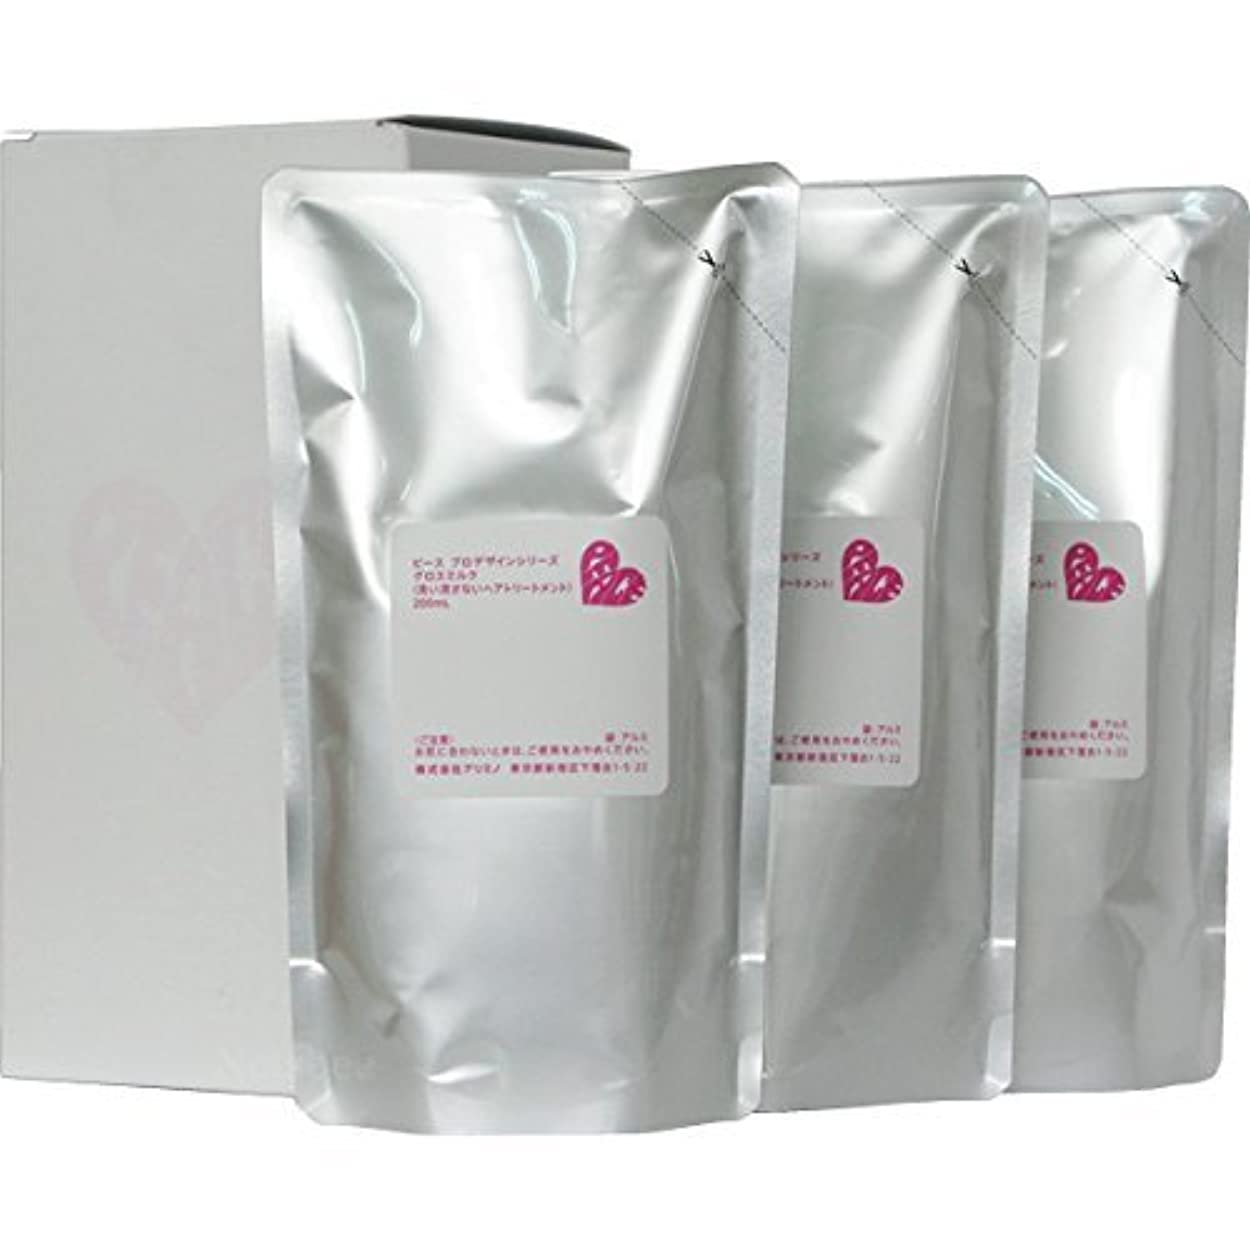 電気的飲料罪悪感ピース プロデザインシリーズ グロスミルク ホワイト リフィル 200ml×3